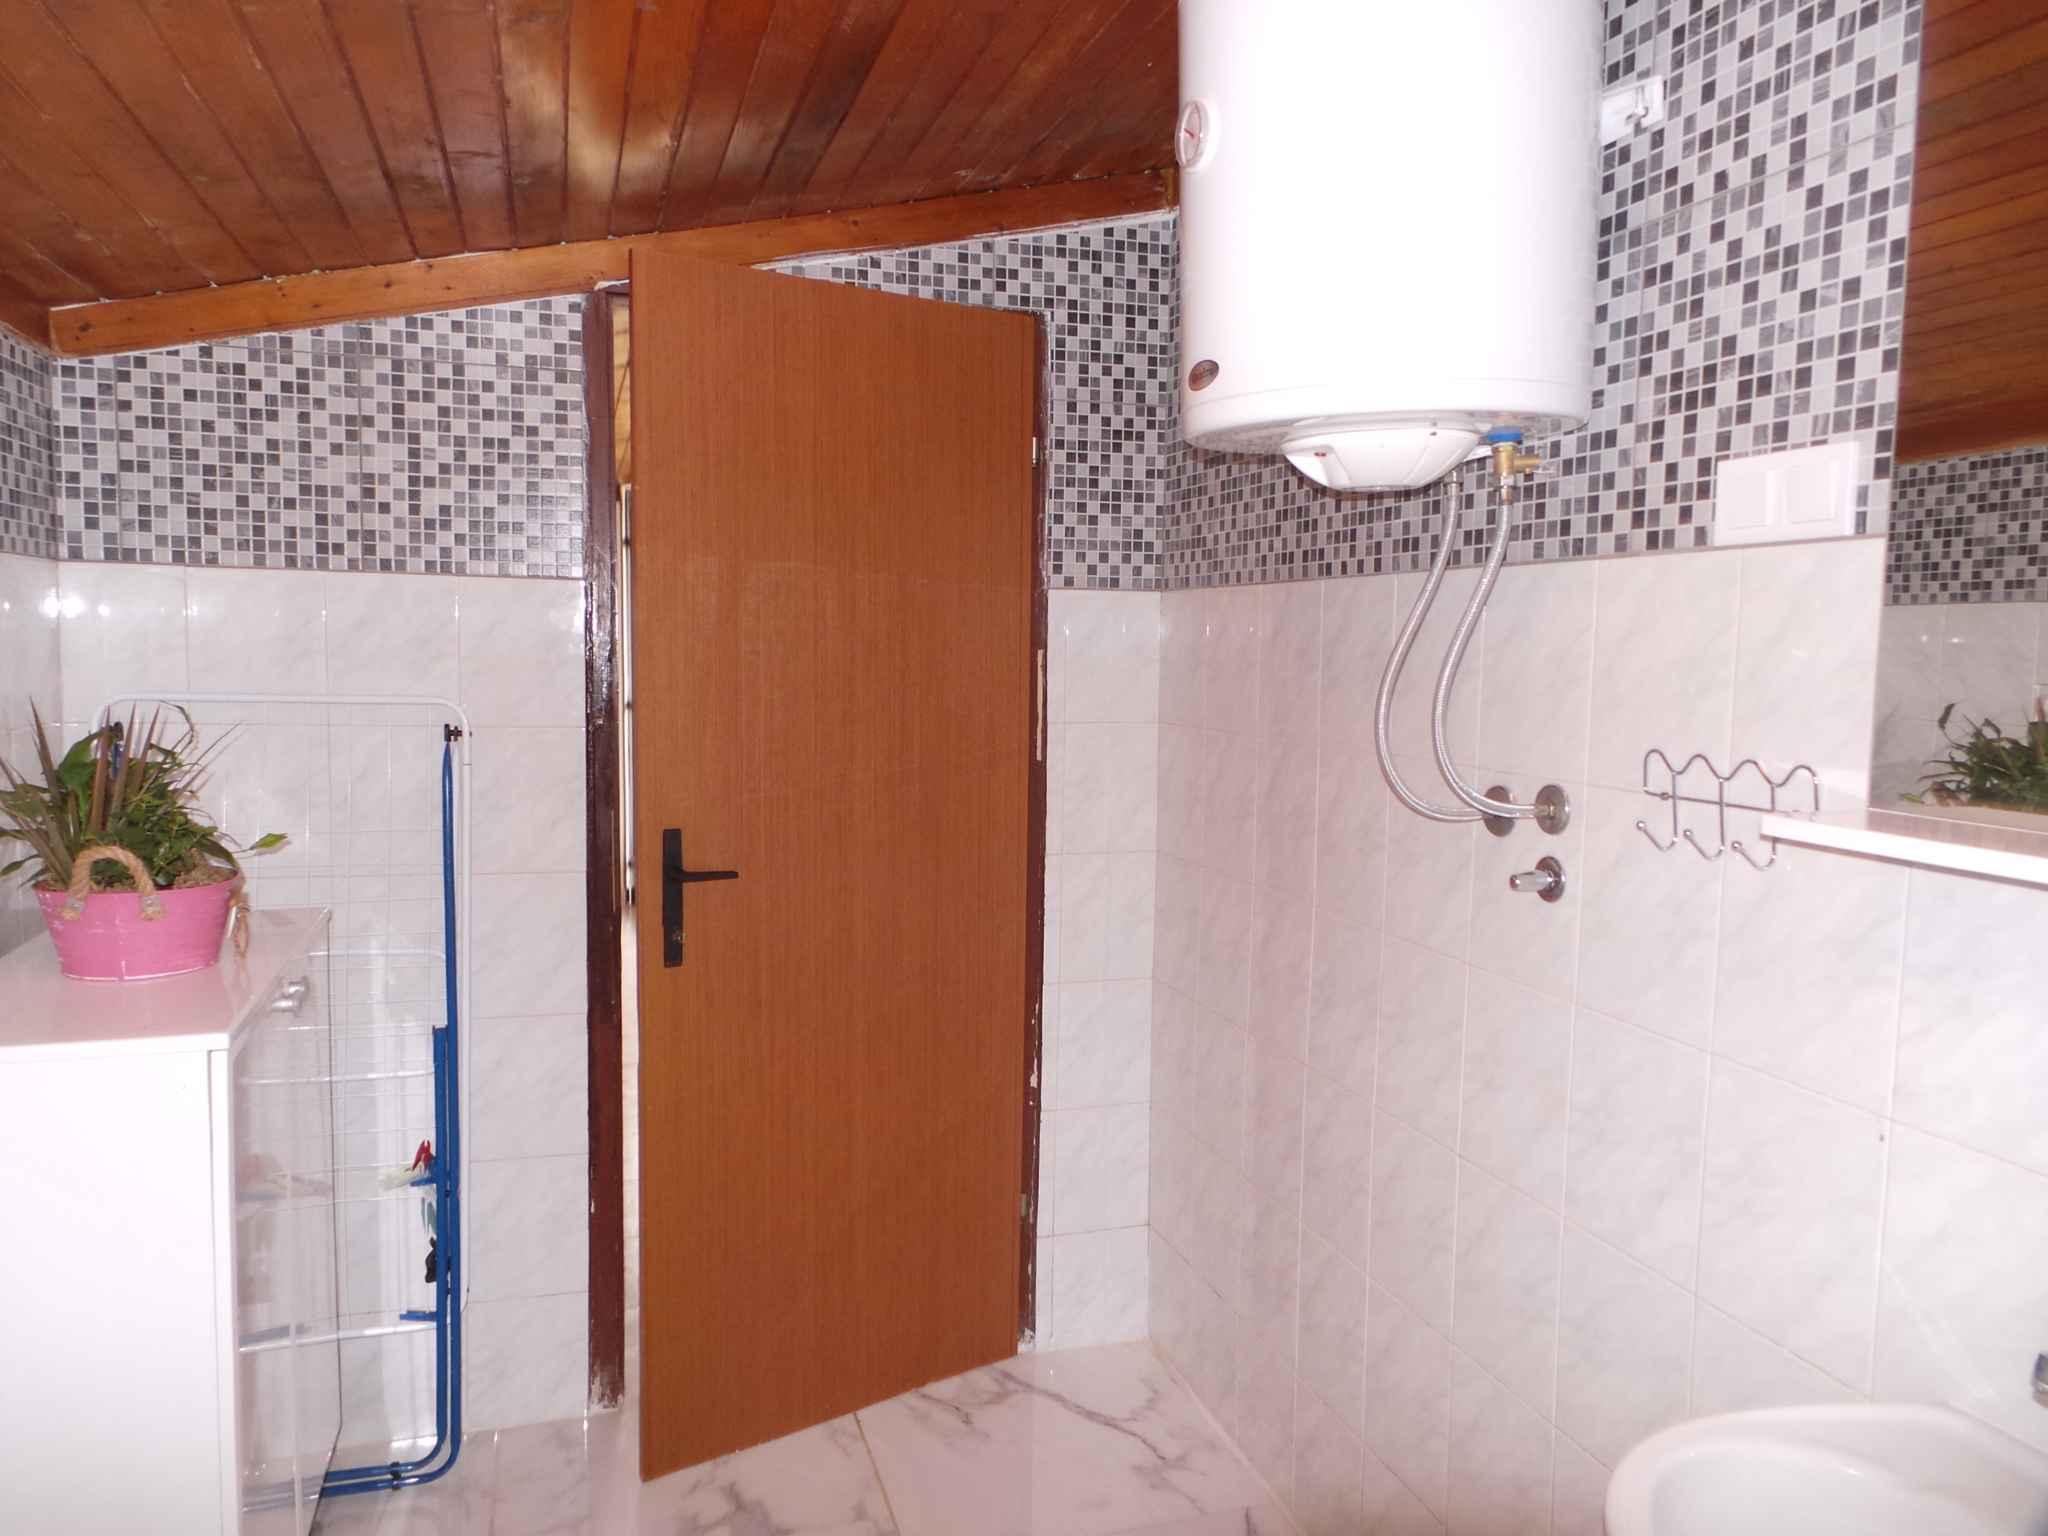 Ferienhaus 300 m zur Adria und mit Garten (280835), Fažana, , Istrien, Kroatien, Bild 17